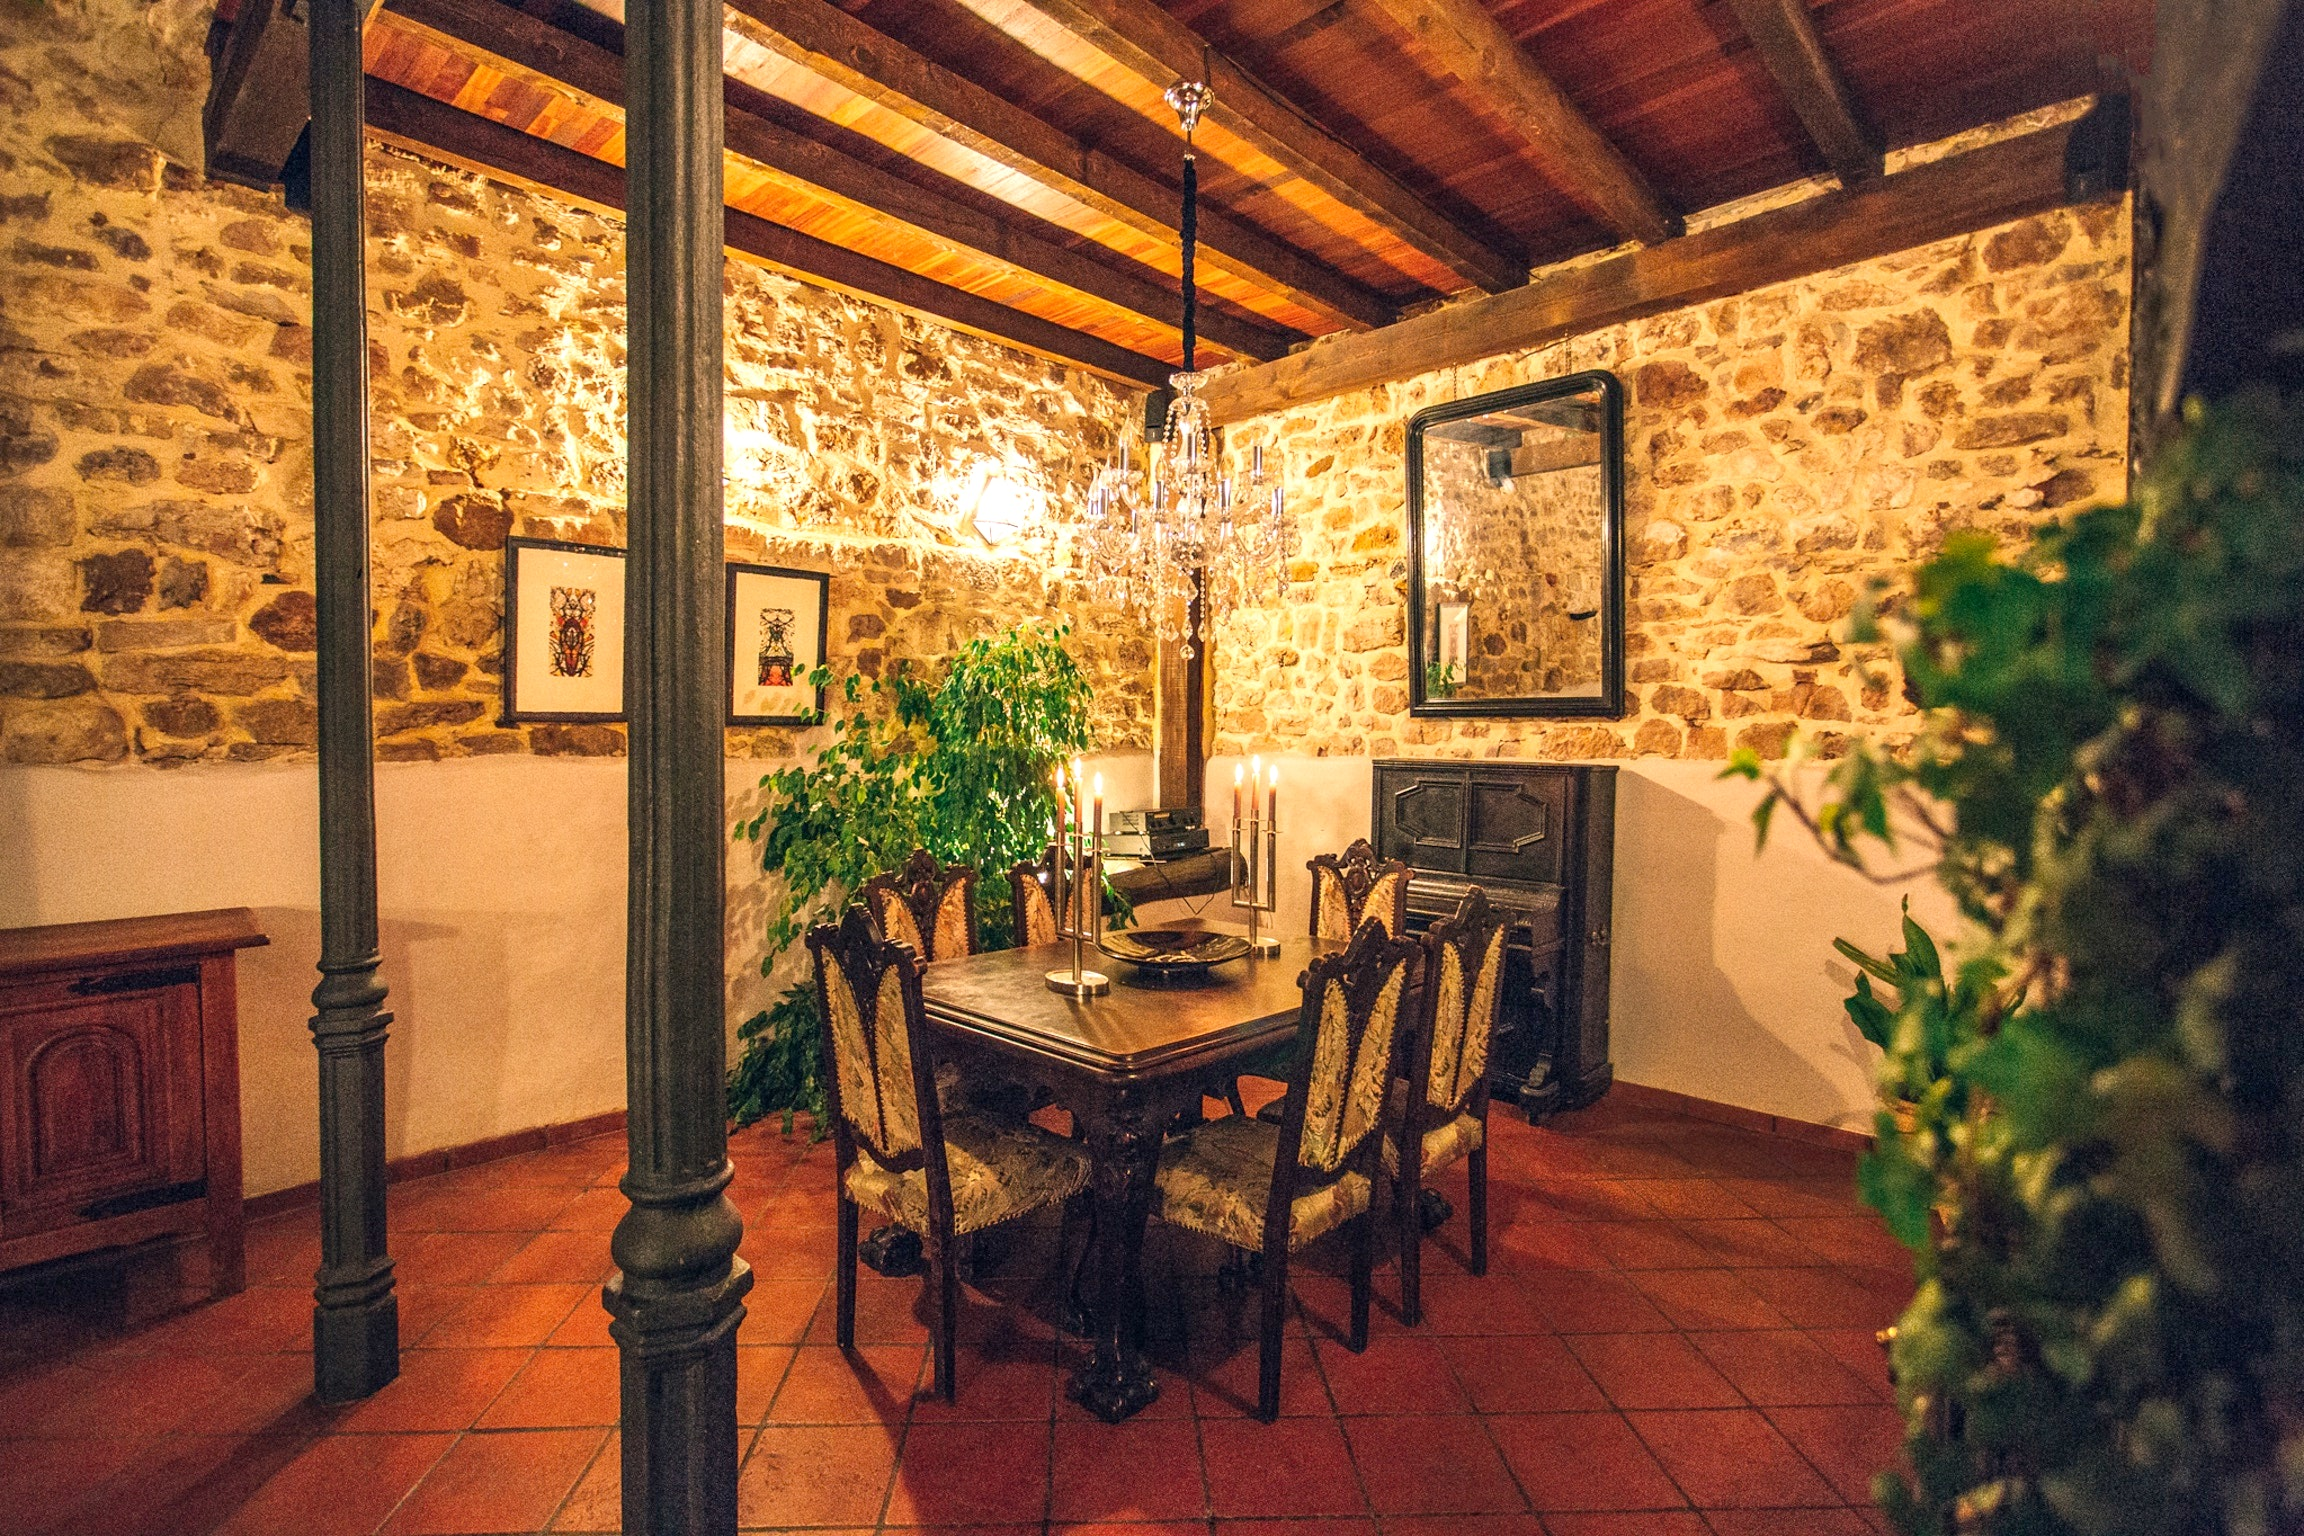 Ferienhaus Haus mit 5 Zimmern in Fuenteodra mit toller Aussicht auf die Berge, eingezäuntem Garten un (2211142), Fuenteodra, Burgos, Kastilien-León, Spanien, Bild 9